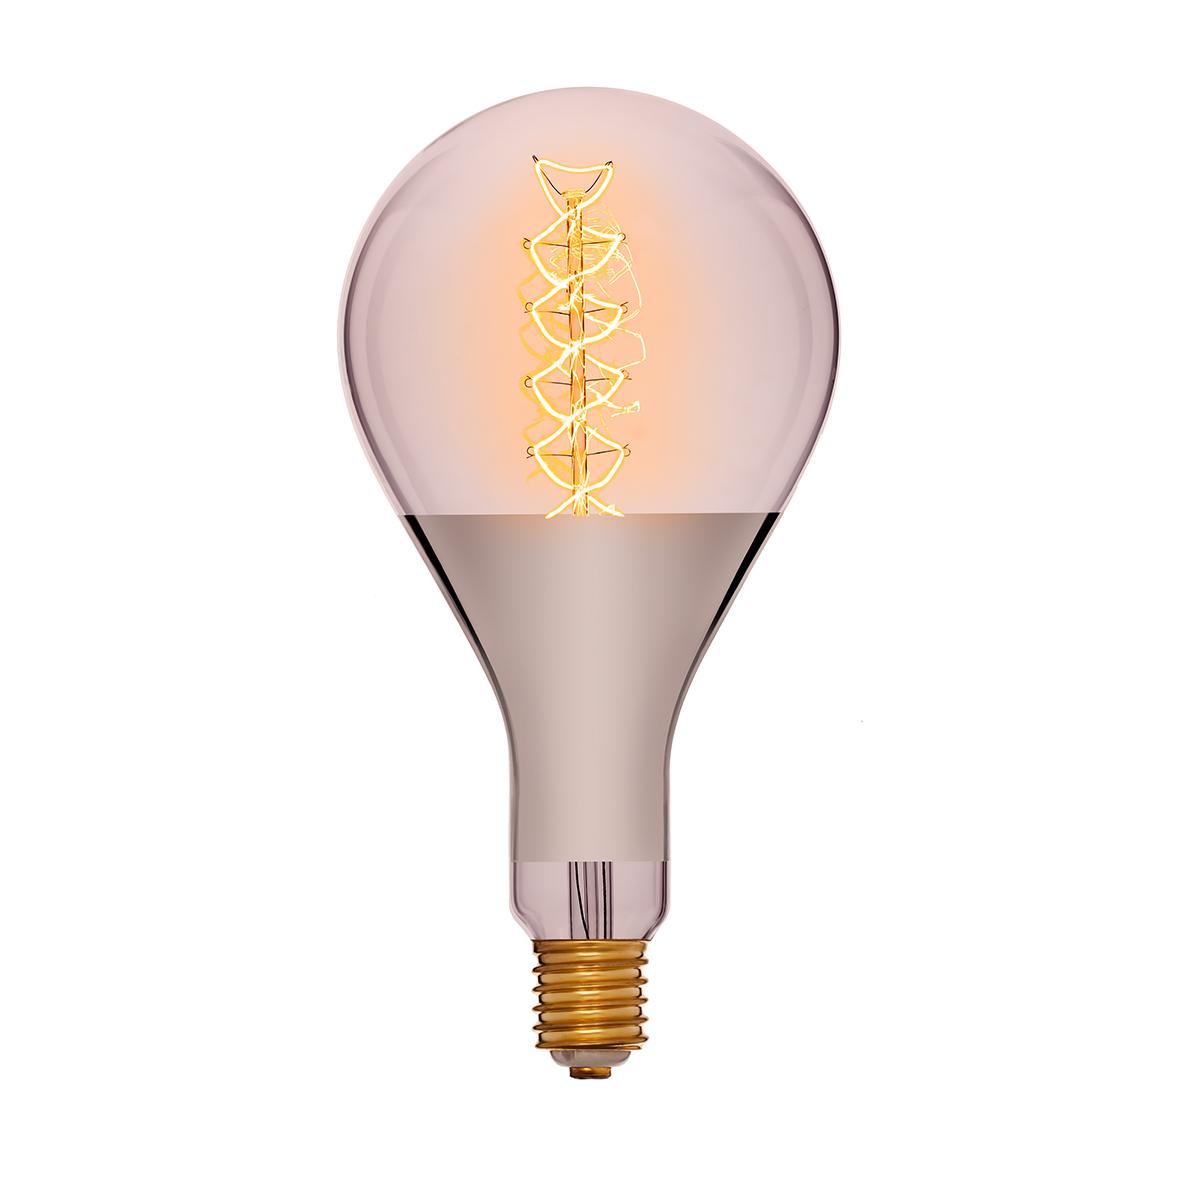 Лампа накаливания PS 160R-F5 - вид 1